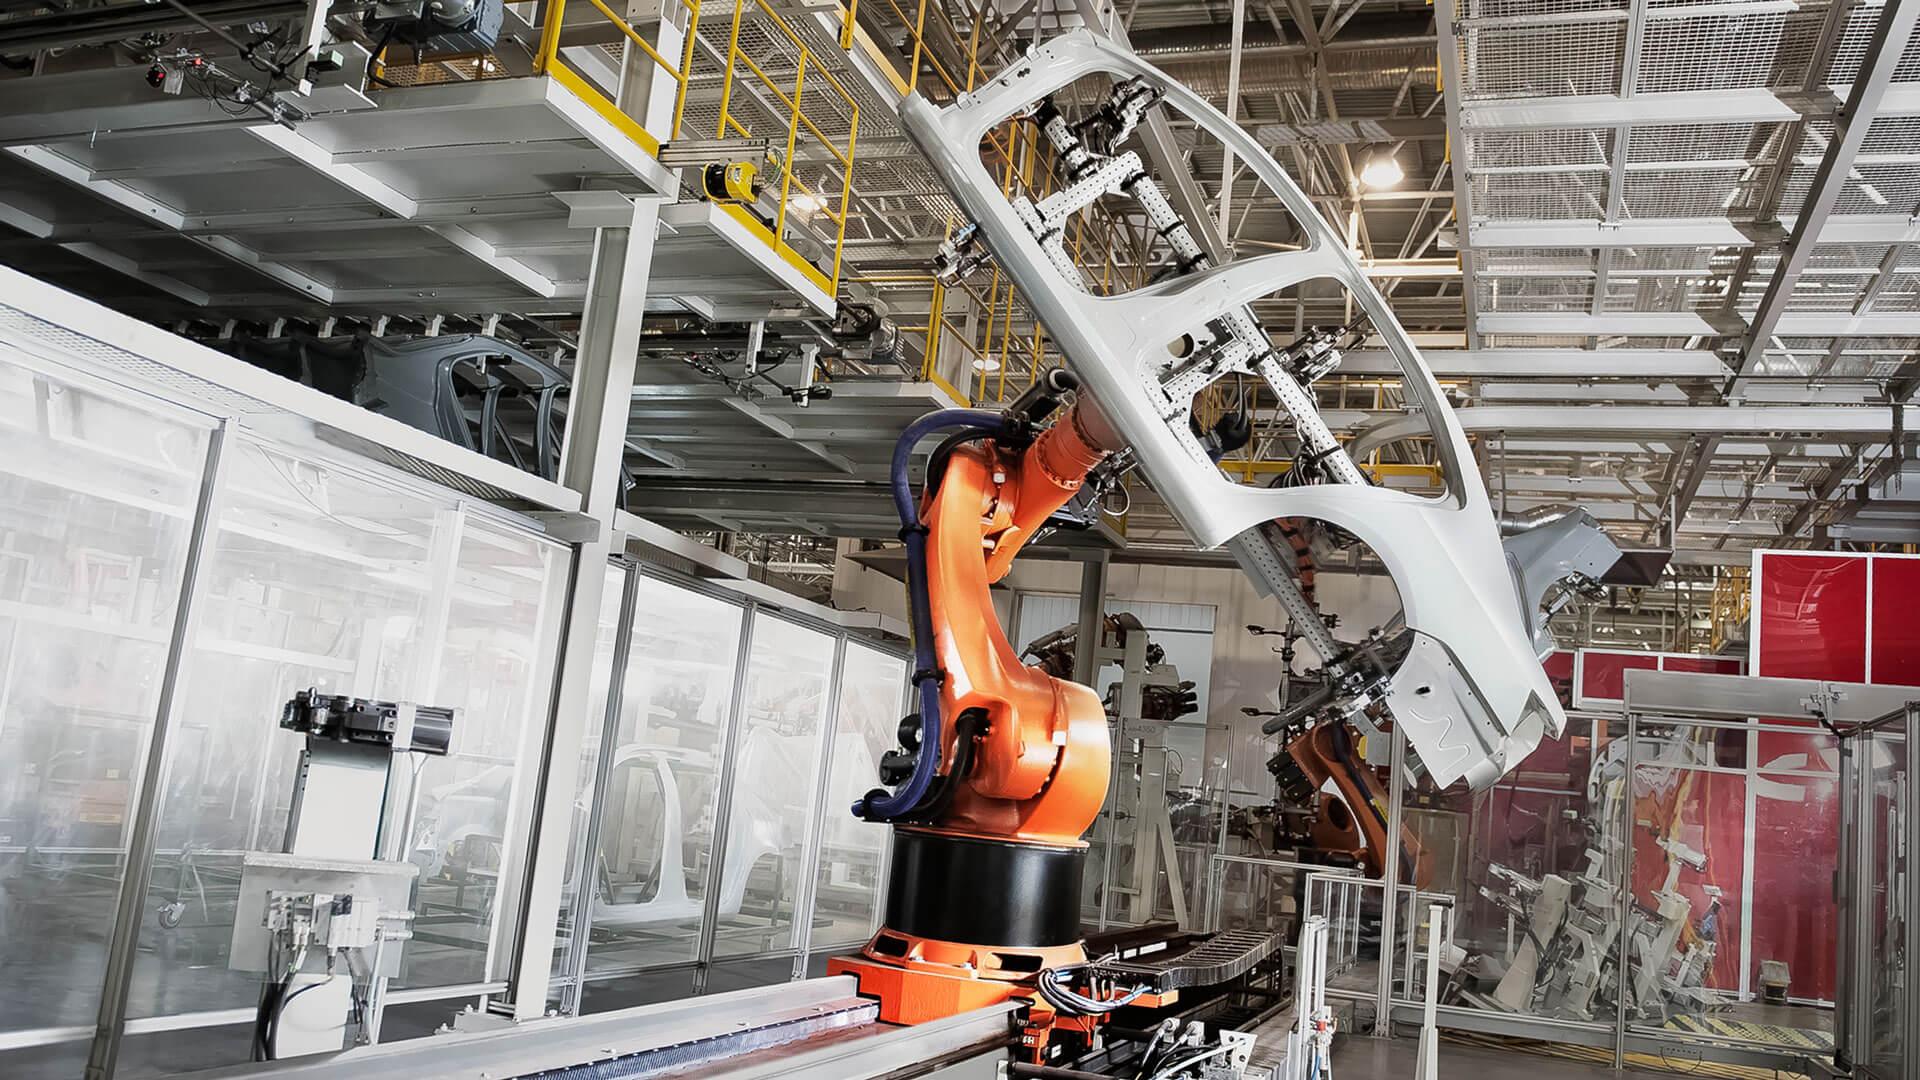 Ein Bild einer Industriehalle, in der Automobile produziert werden. Ein orangefarbener Schwenkarm bewegt gerade ein Autoteil.